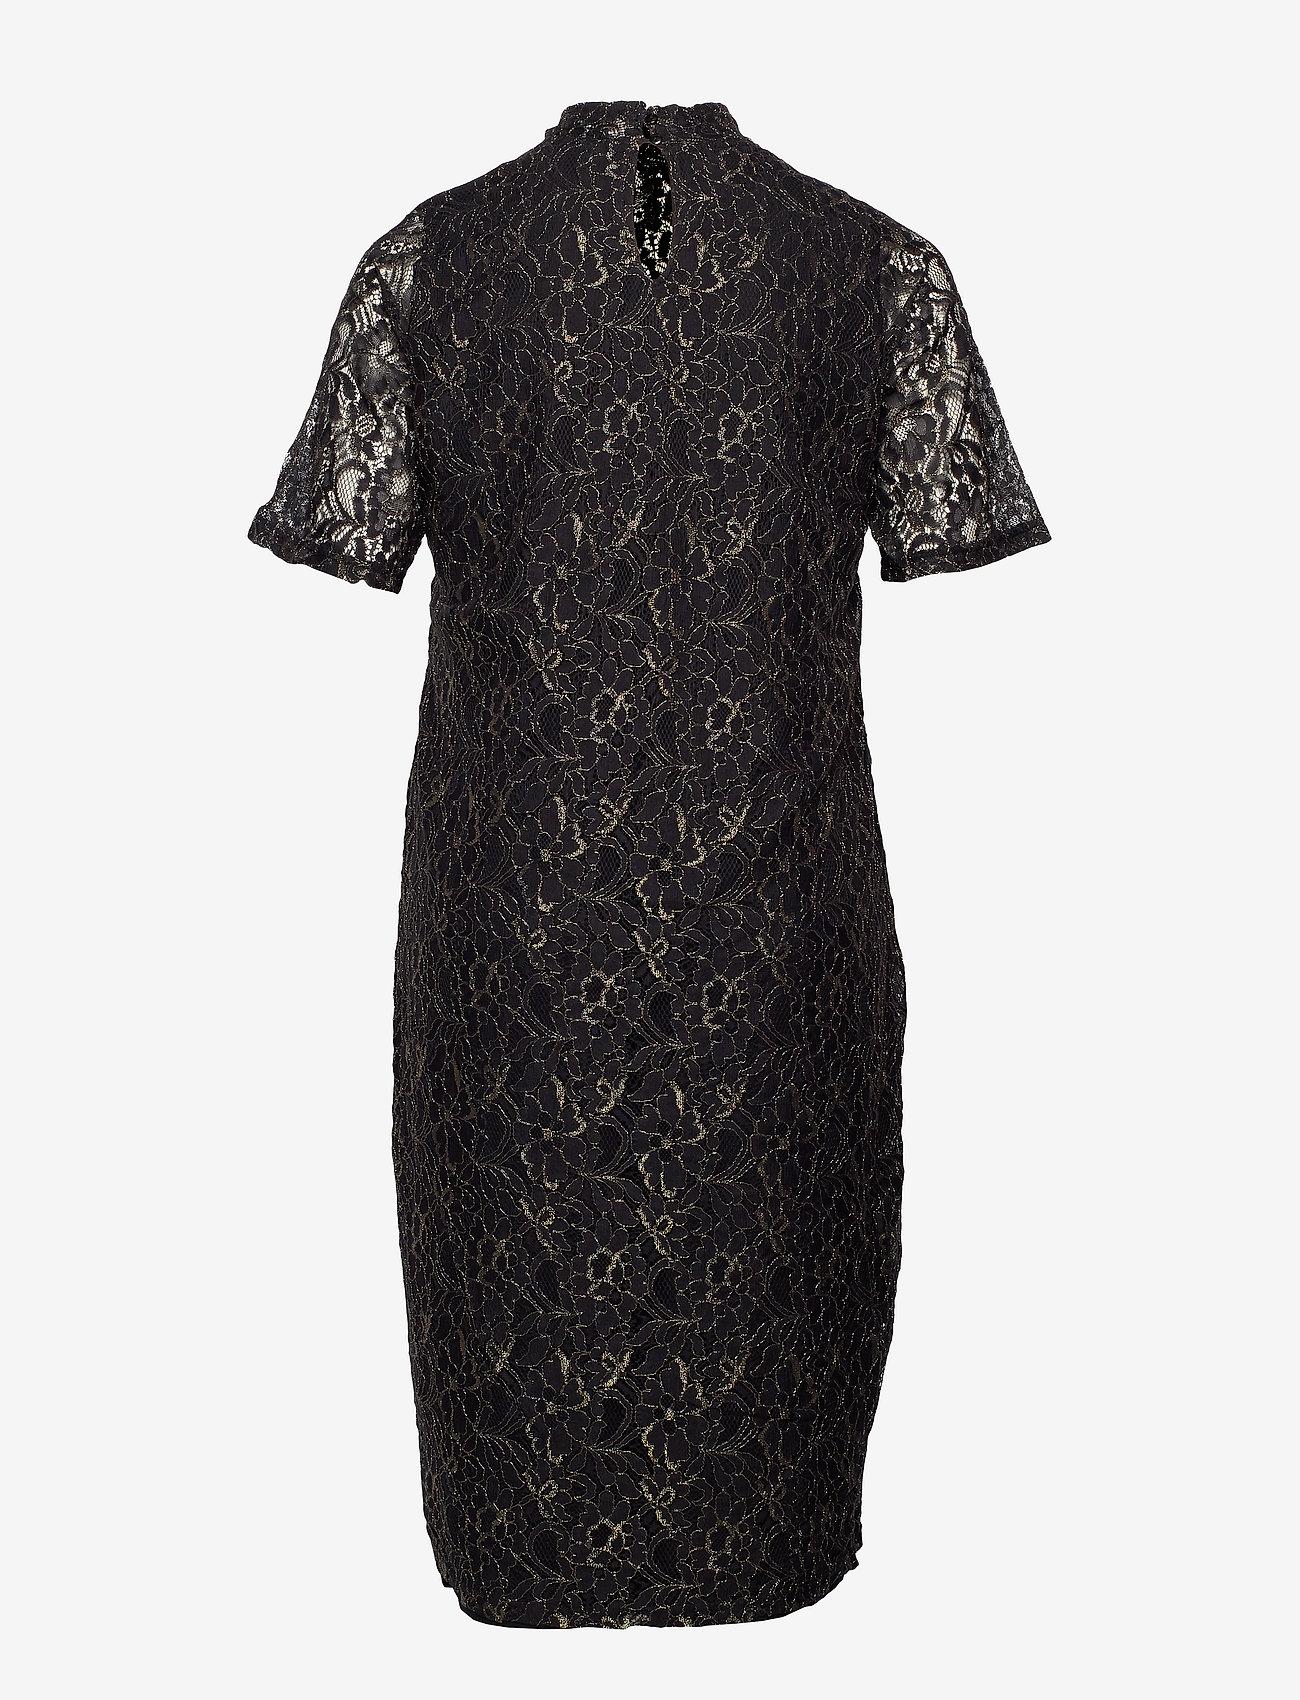 Jrjuli Ls Below Knee Dress - S (Black) (164.70 kr) - JunaRose